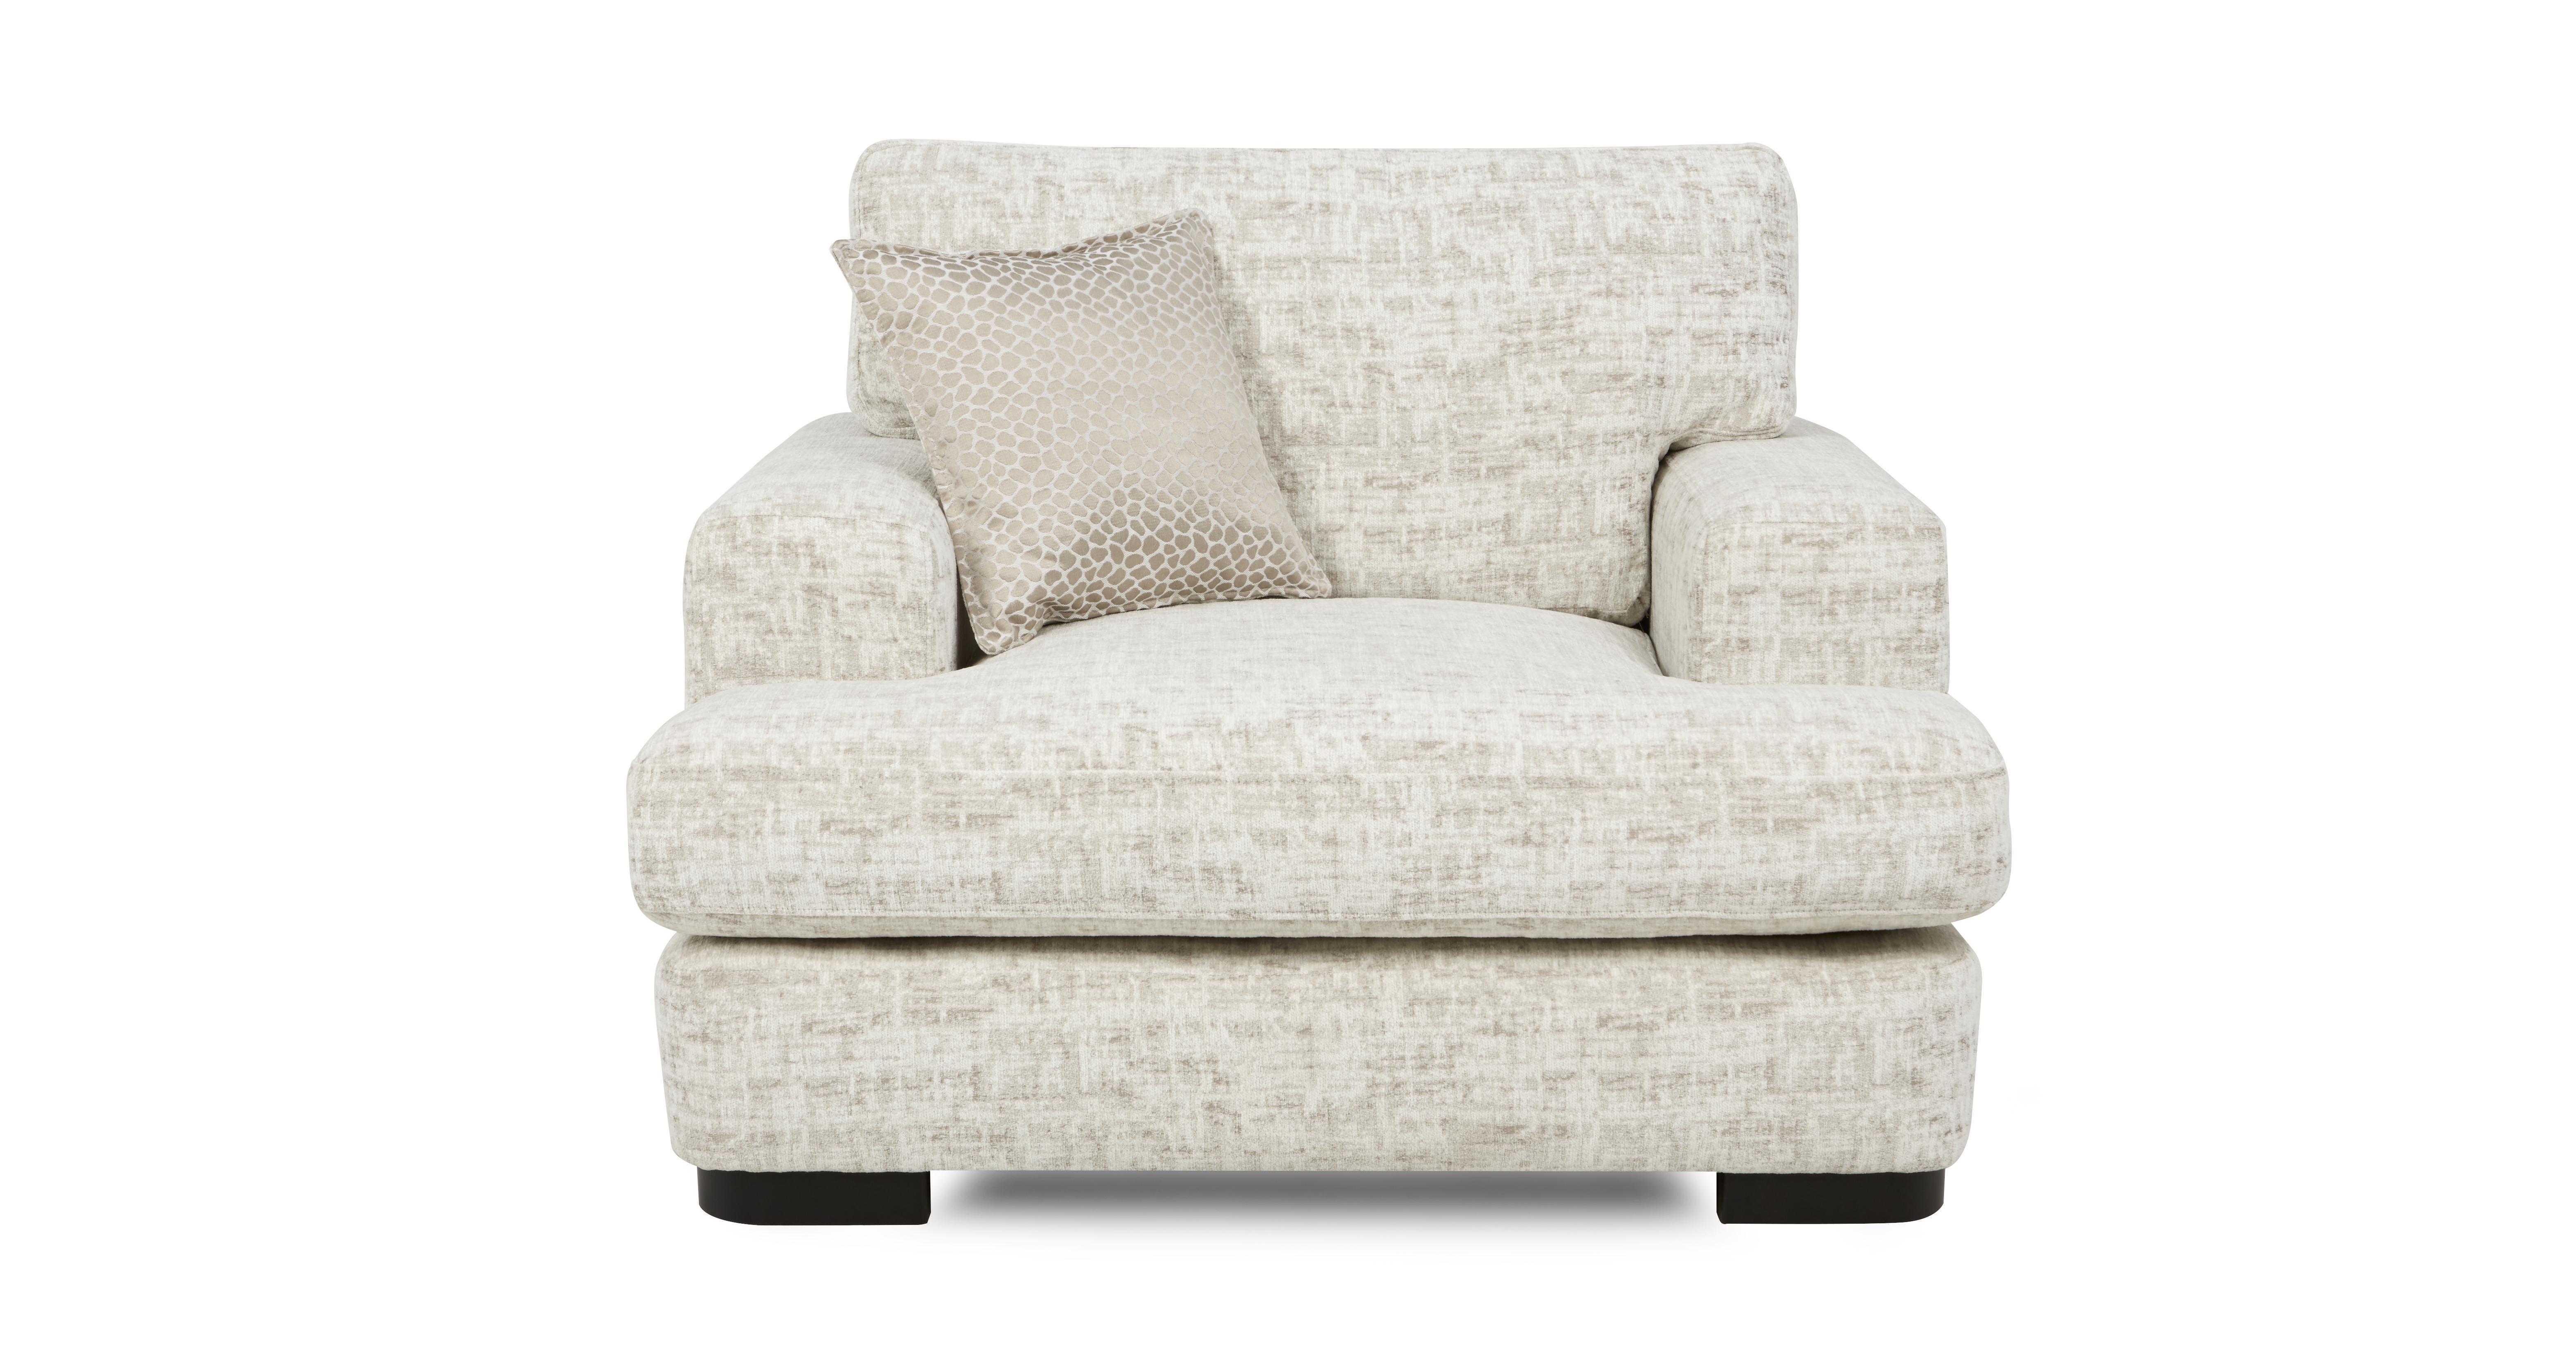 sofa company nl black corner gumtree indulge fauteuil dfs banken